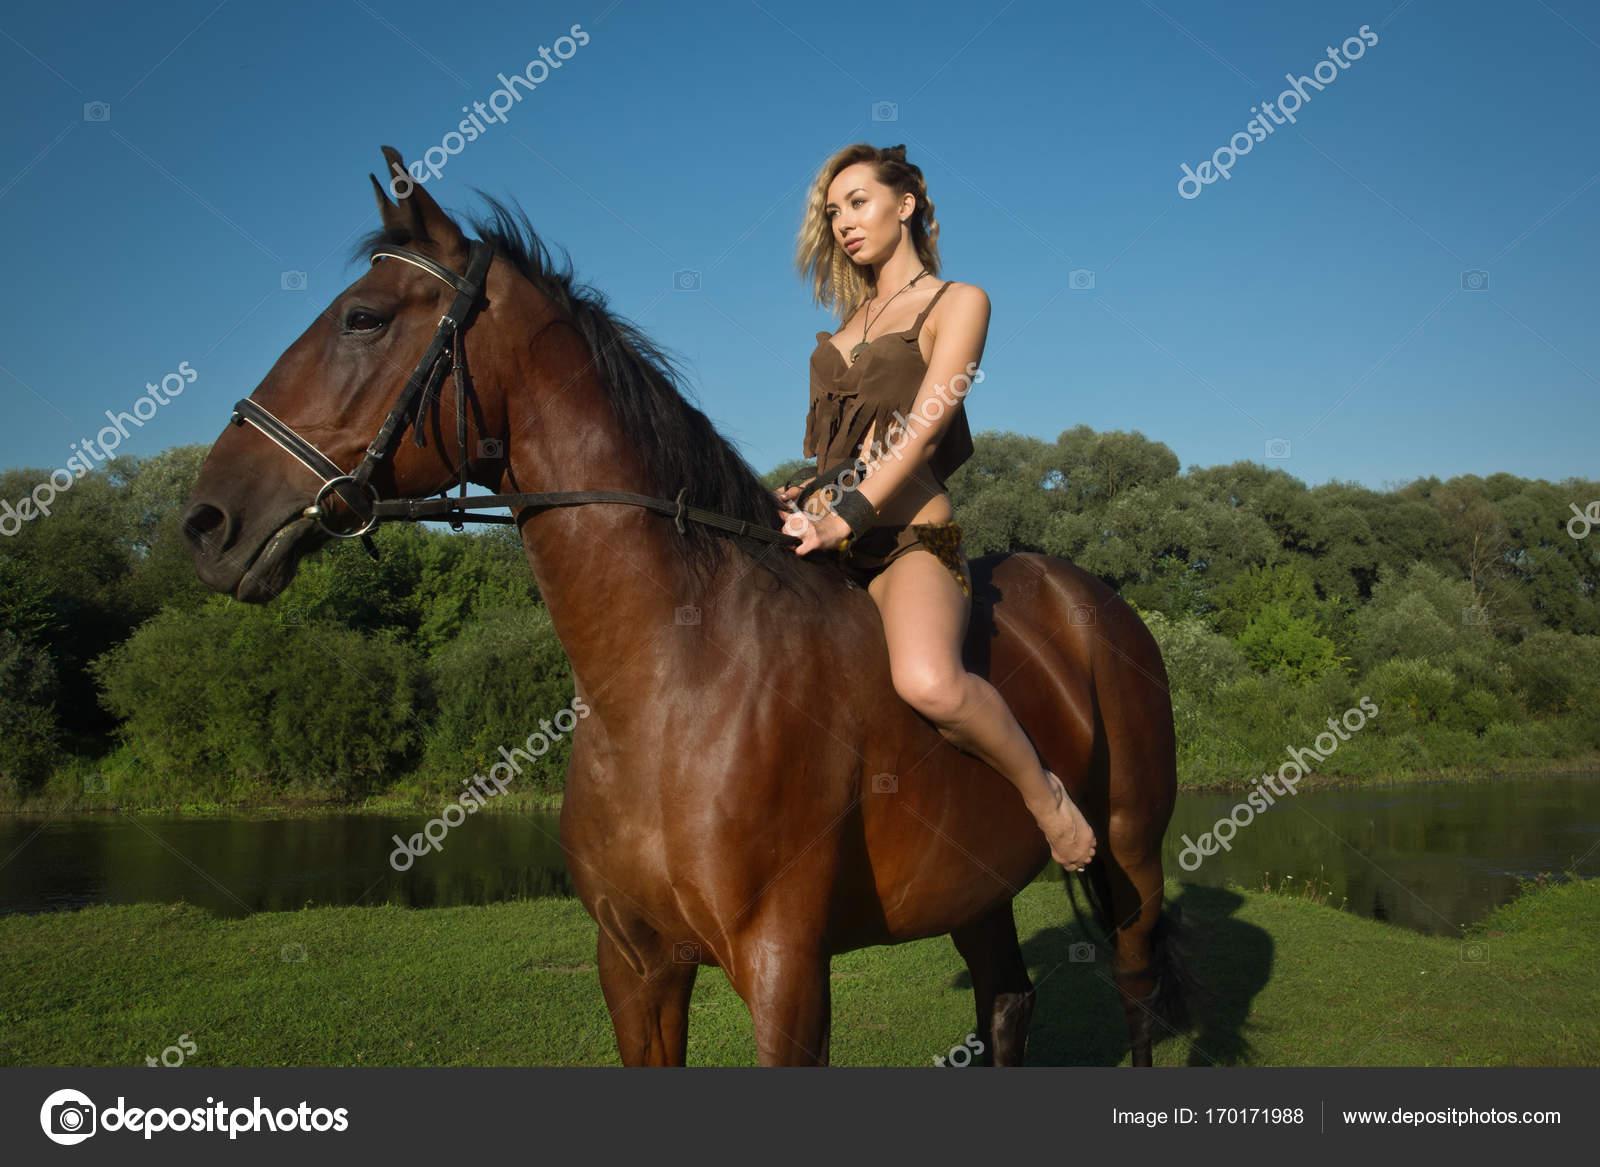 8b0072220 Chica salvaje Amazona a caballo — Fotos de Stock © Demian  170171988